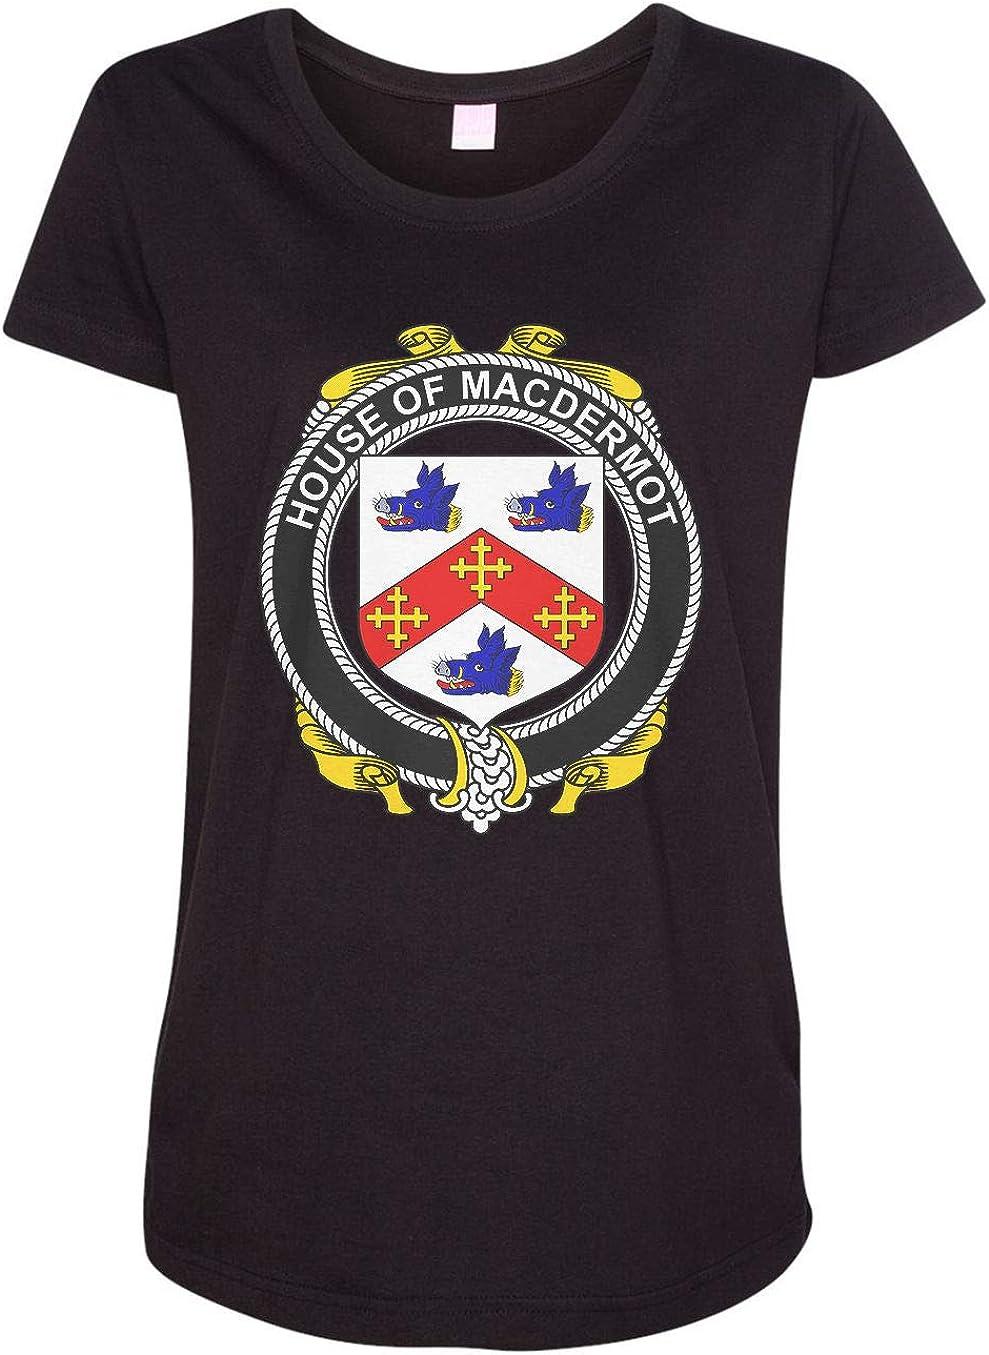 HARD EDGE DESIGN Women's Irish House Heraldry Macdermot T-Shirt